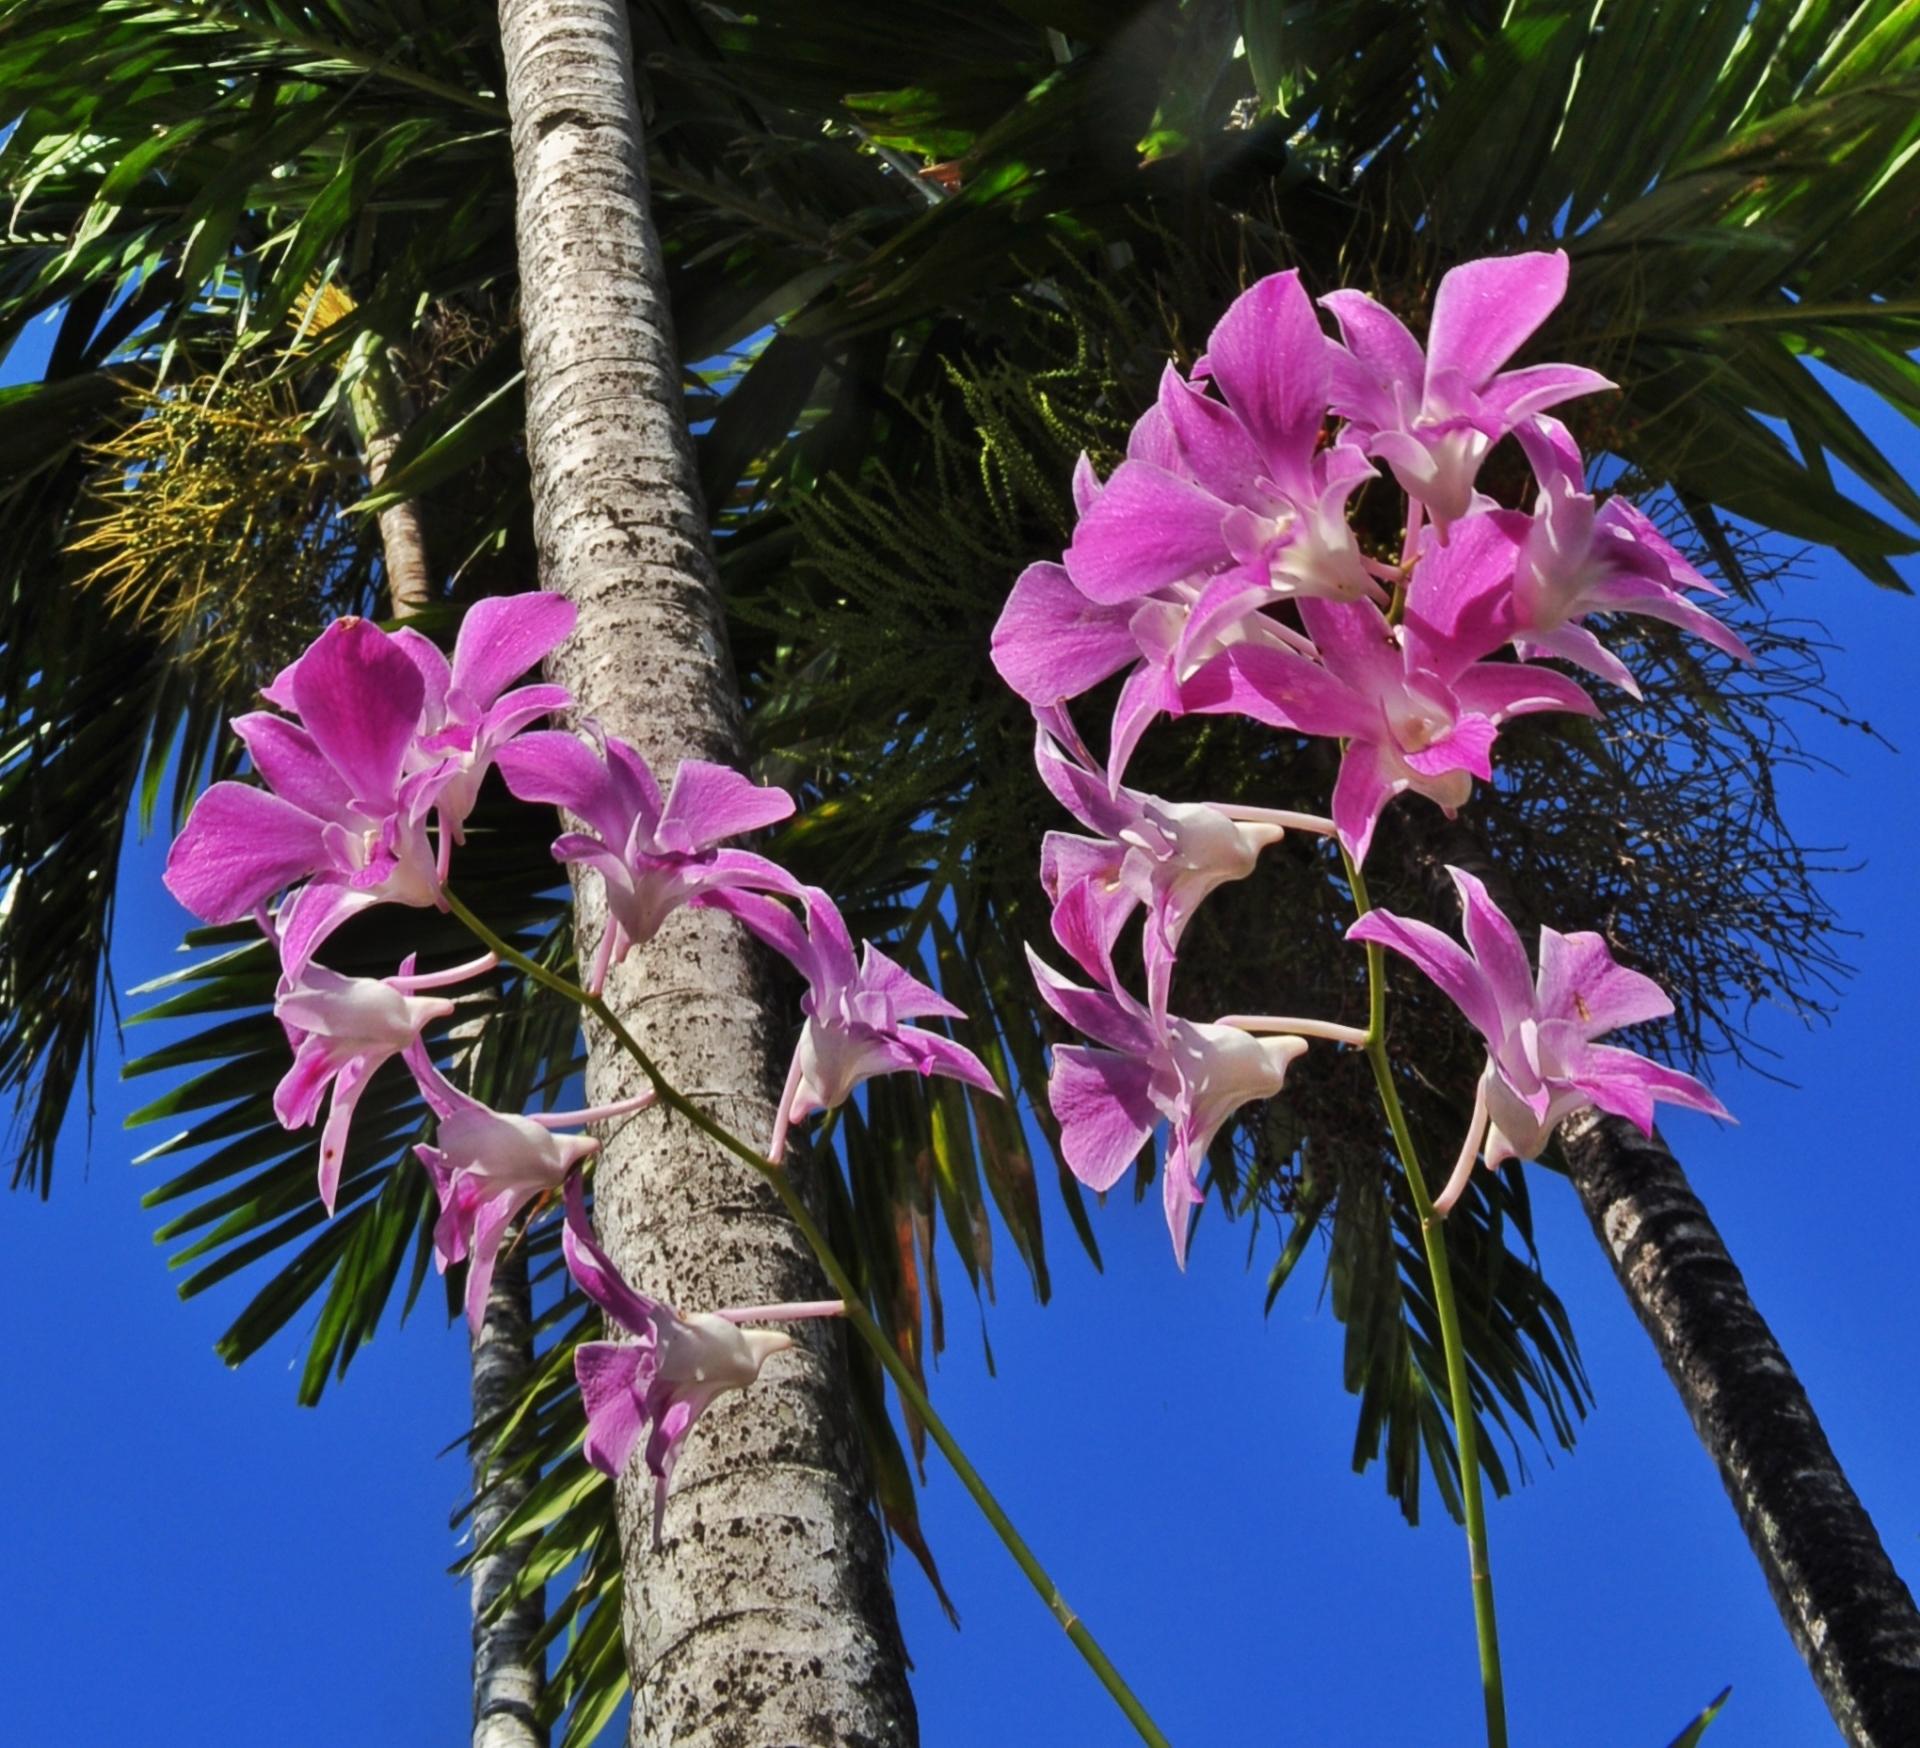 ドミニカ共和国の観光旅行でおすすめを紹介!世界遺産やお土産・治安情報など!